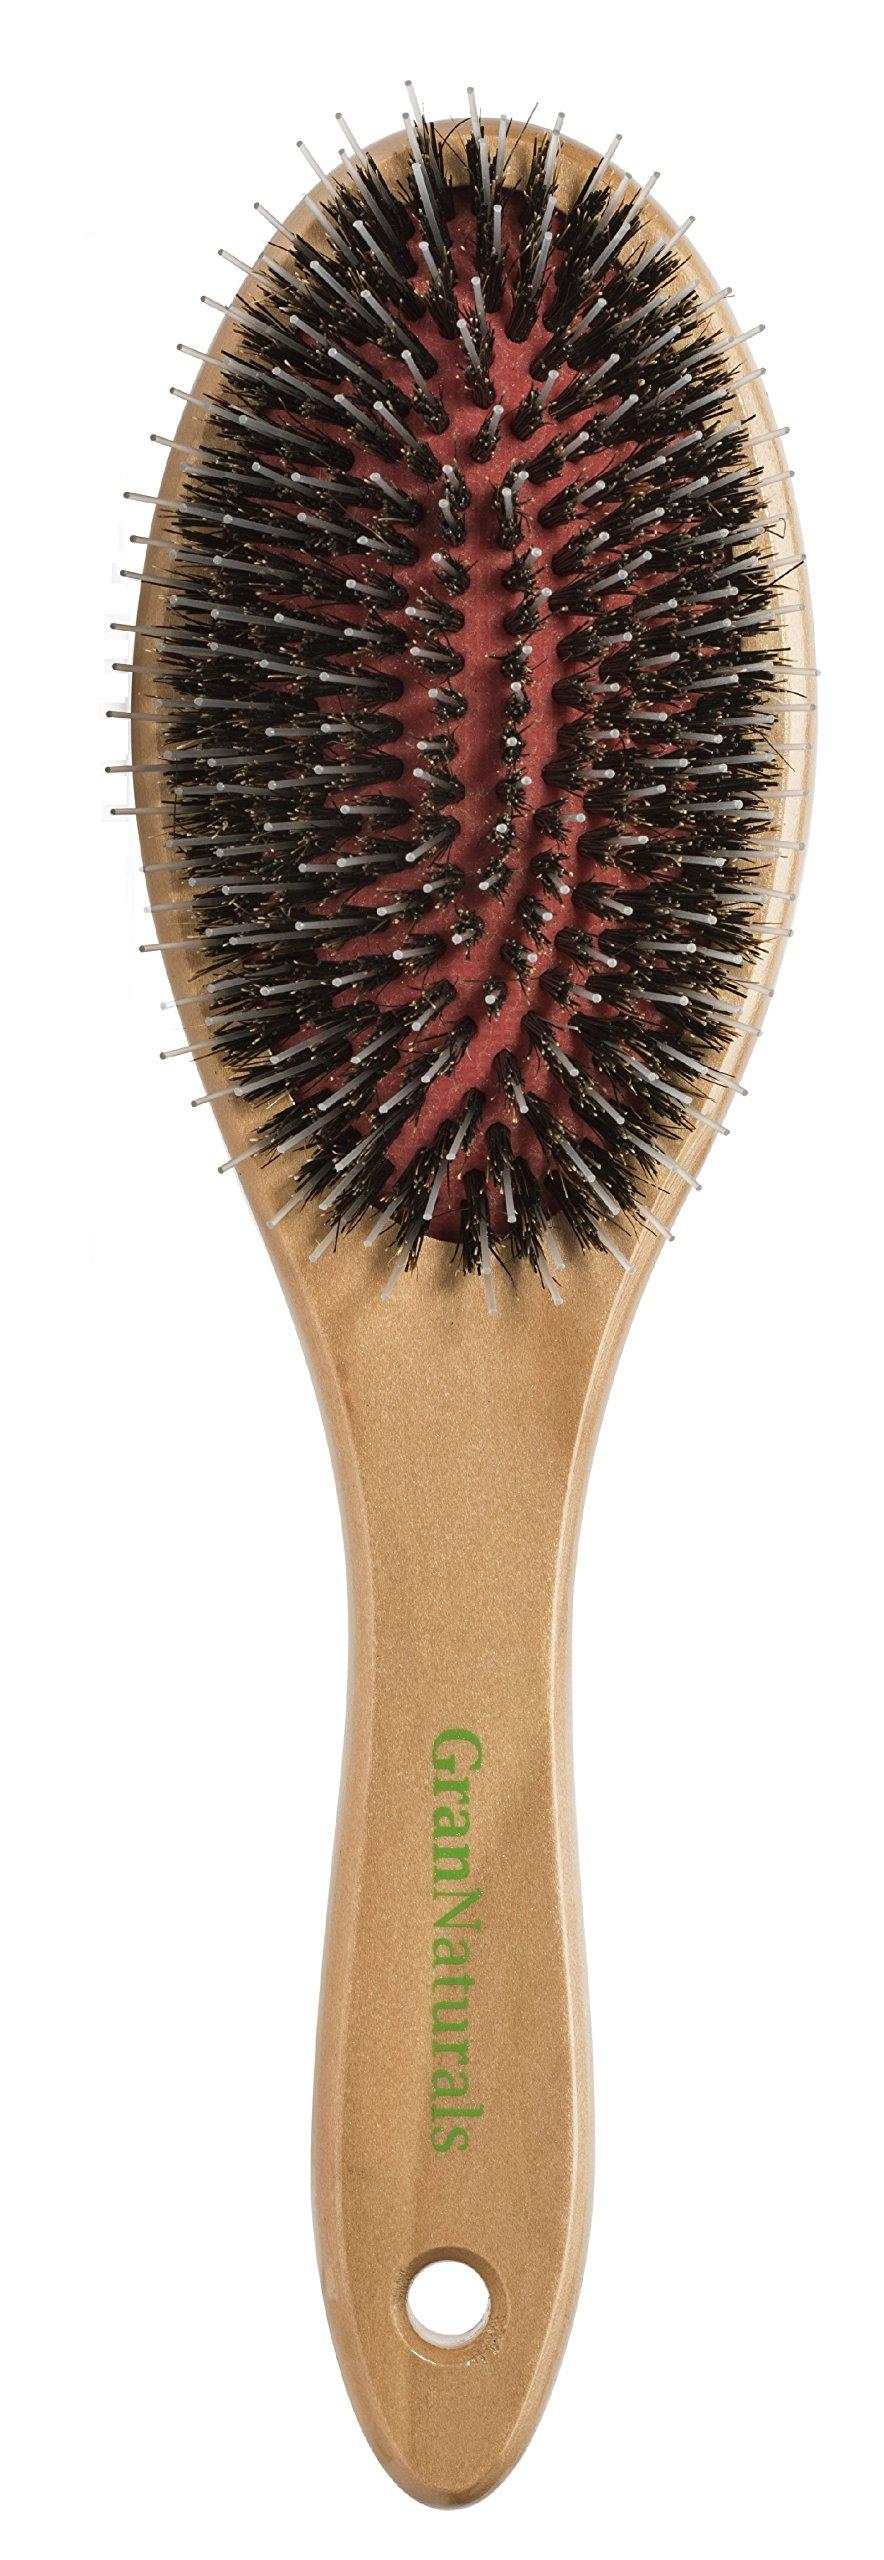 boar bristle hair